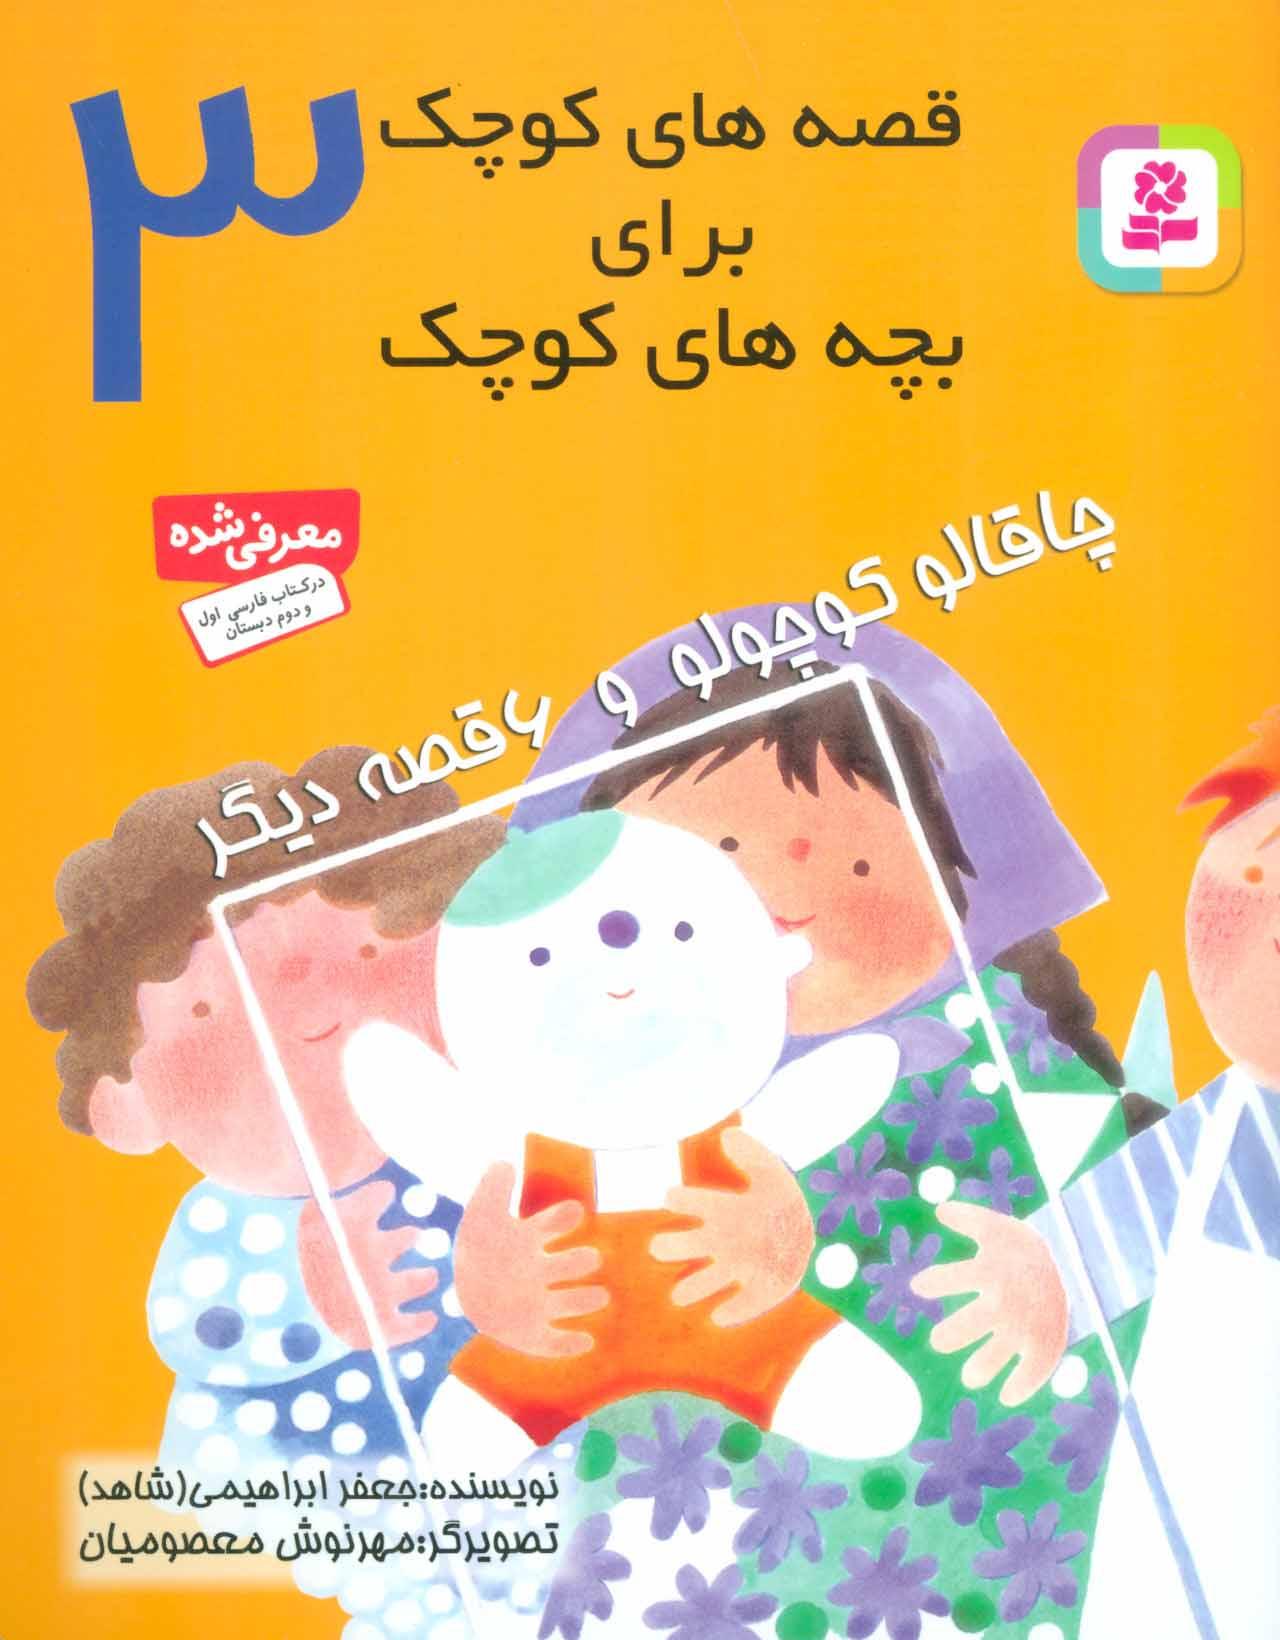 قصه های کوچک برای بچه های کوچک 3 (چاقالو کوچولو و 6 قصه دیگر)